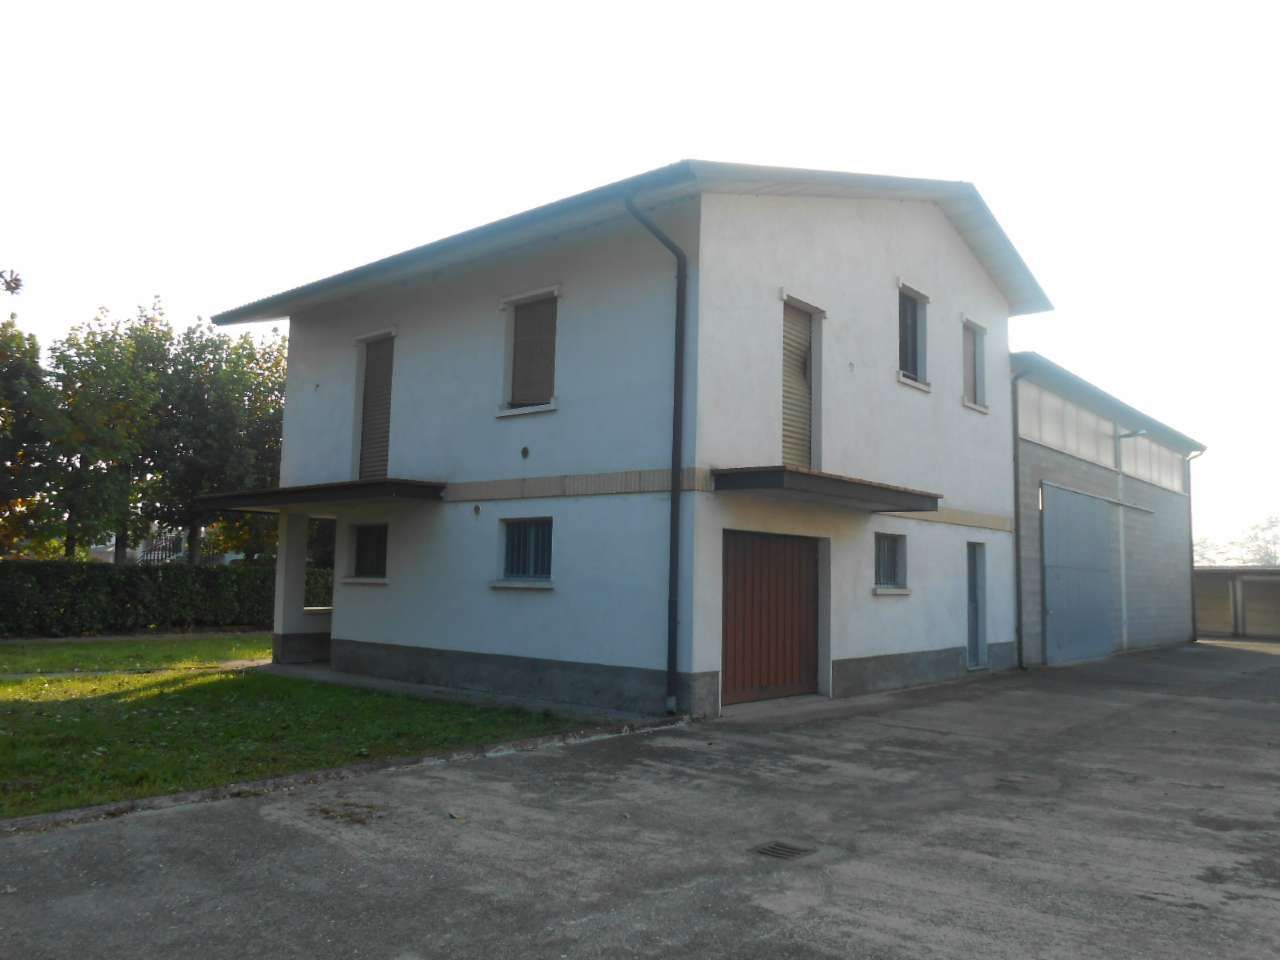 Palazzo Pignano Vendita VILLA Immagine 0